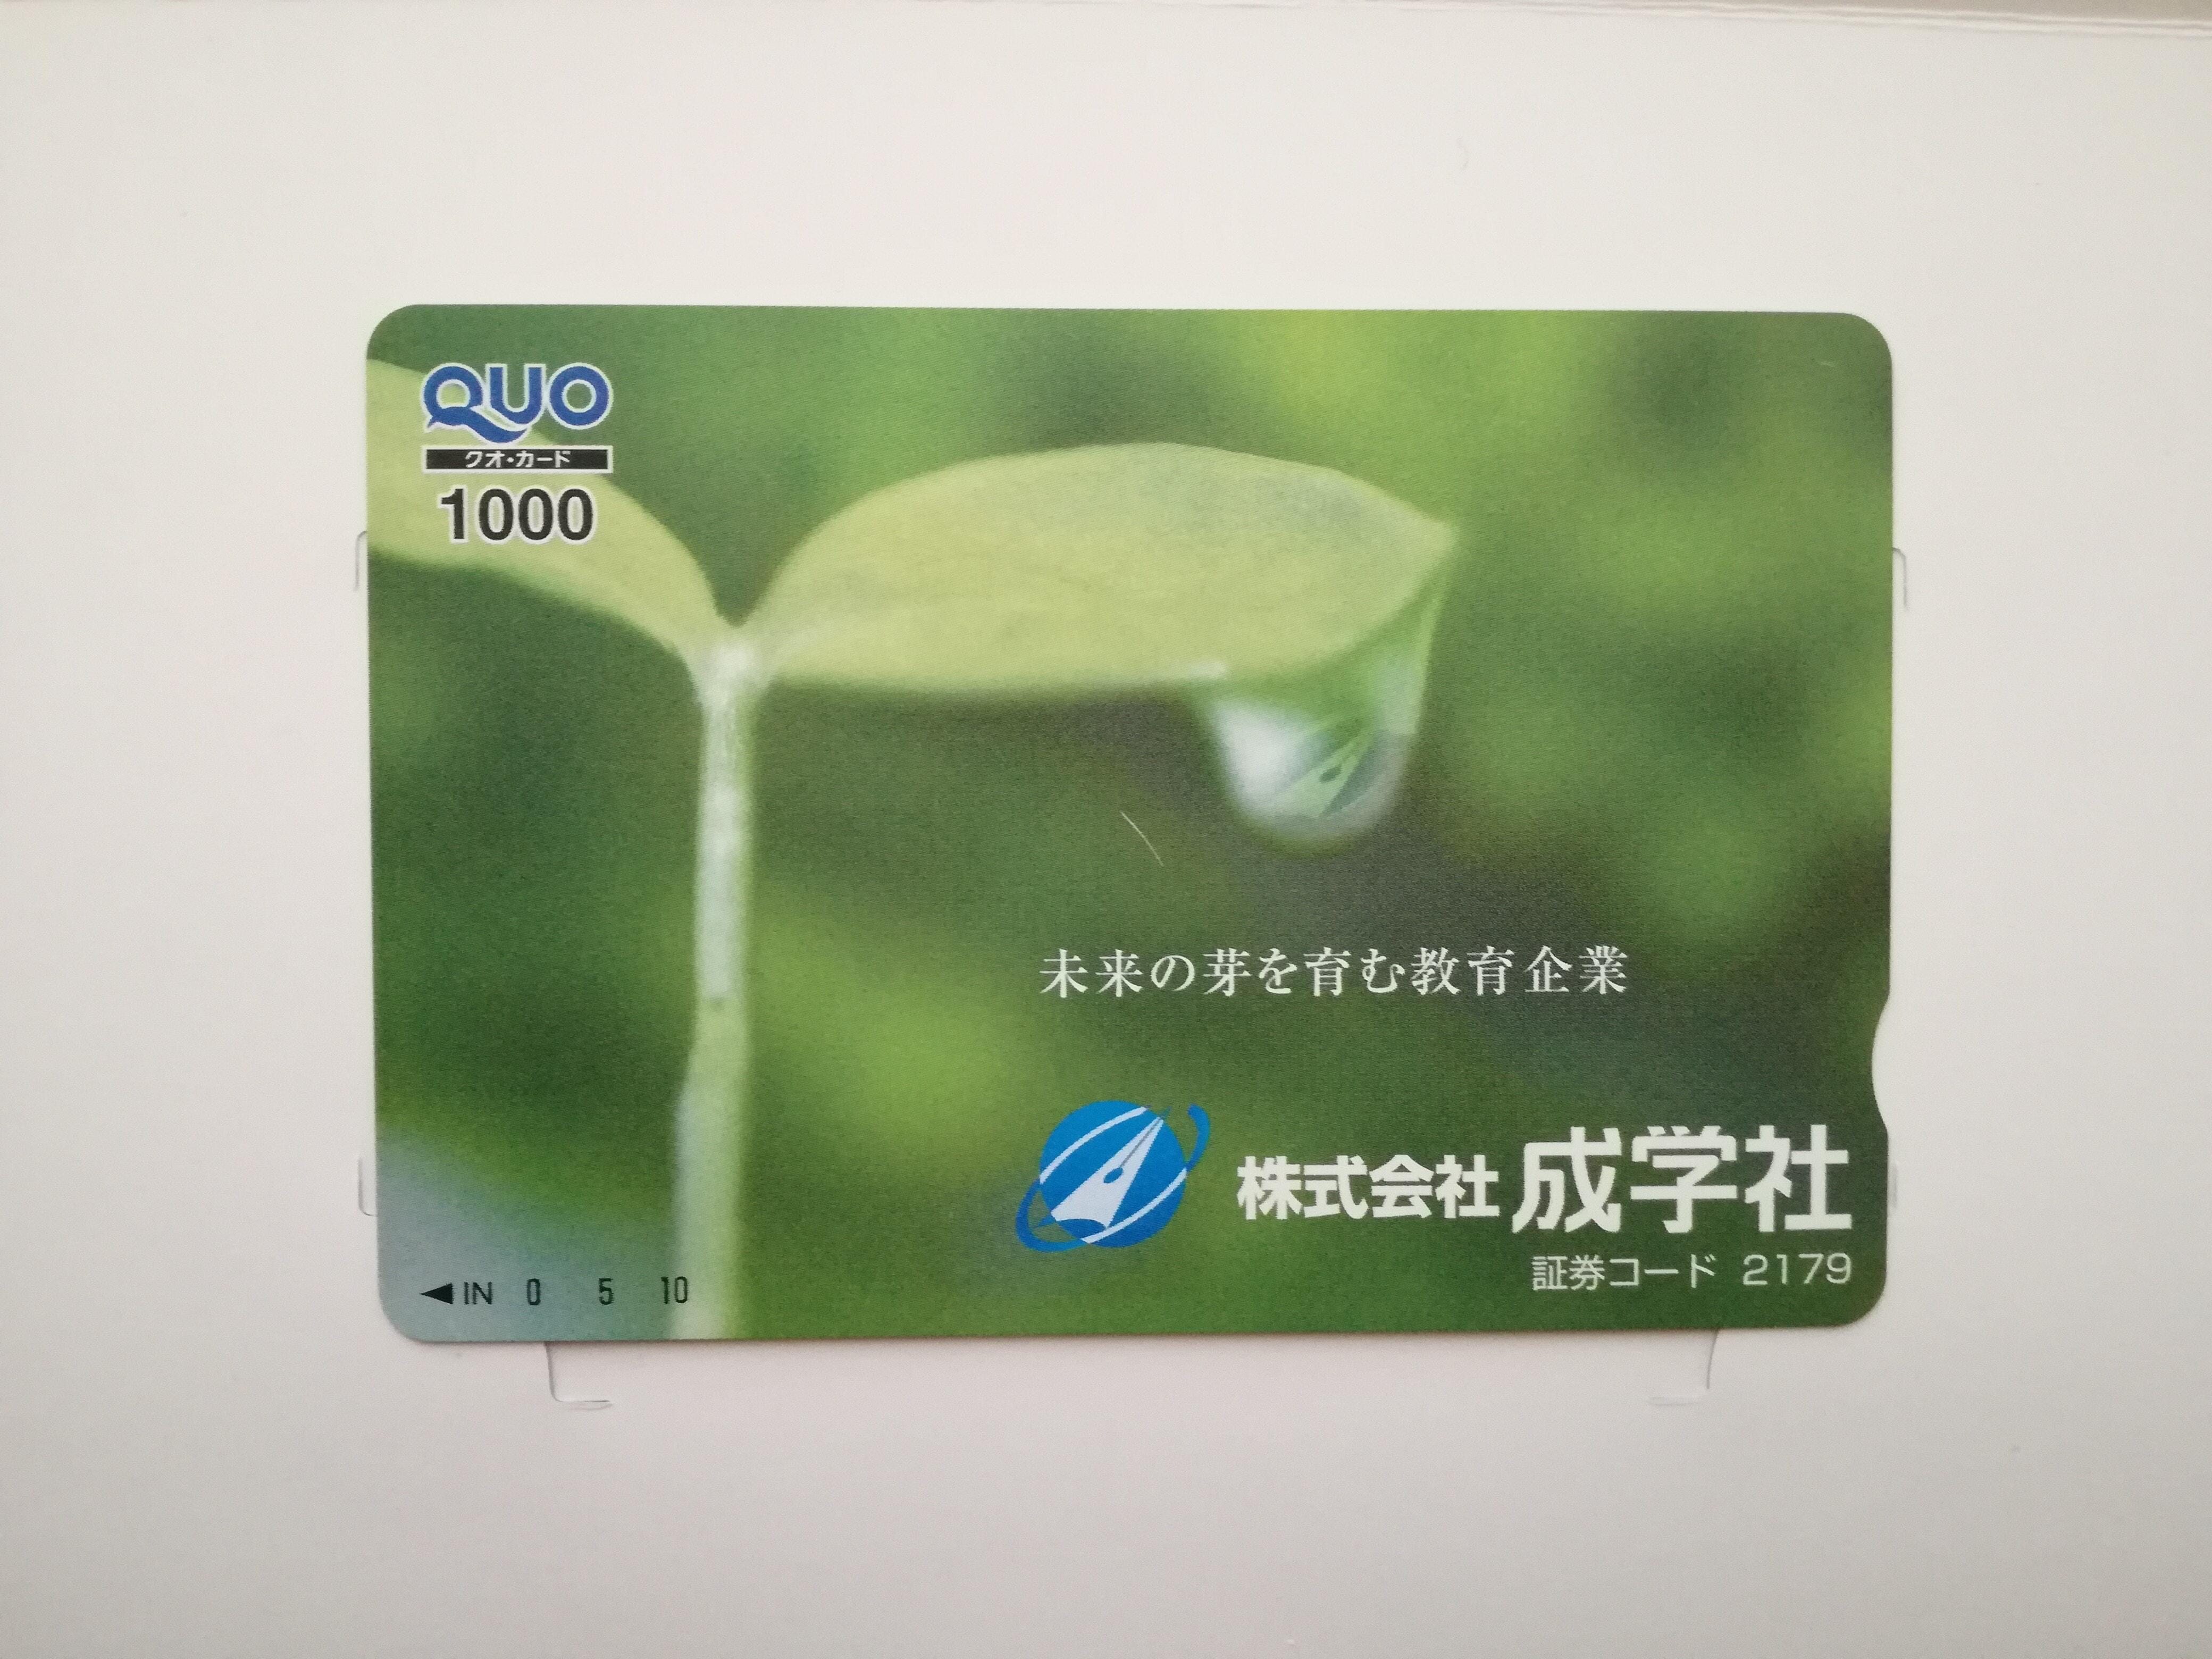 成学社(2179)の株主優待クオカードが届きました!クオカード1,000円が年2回です!